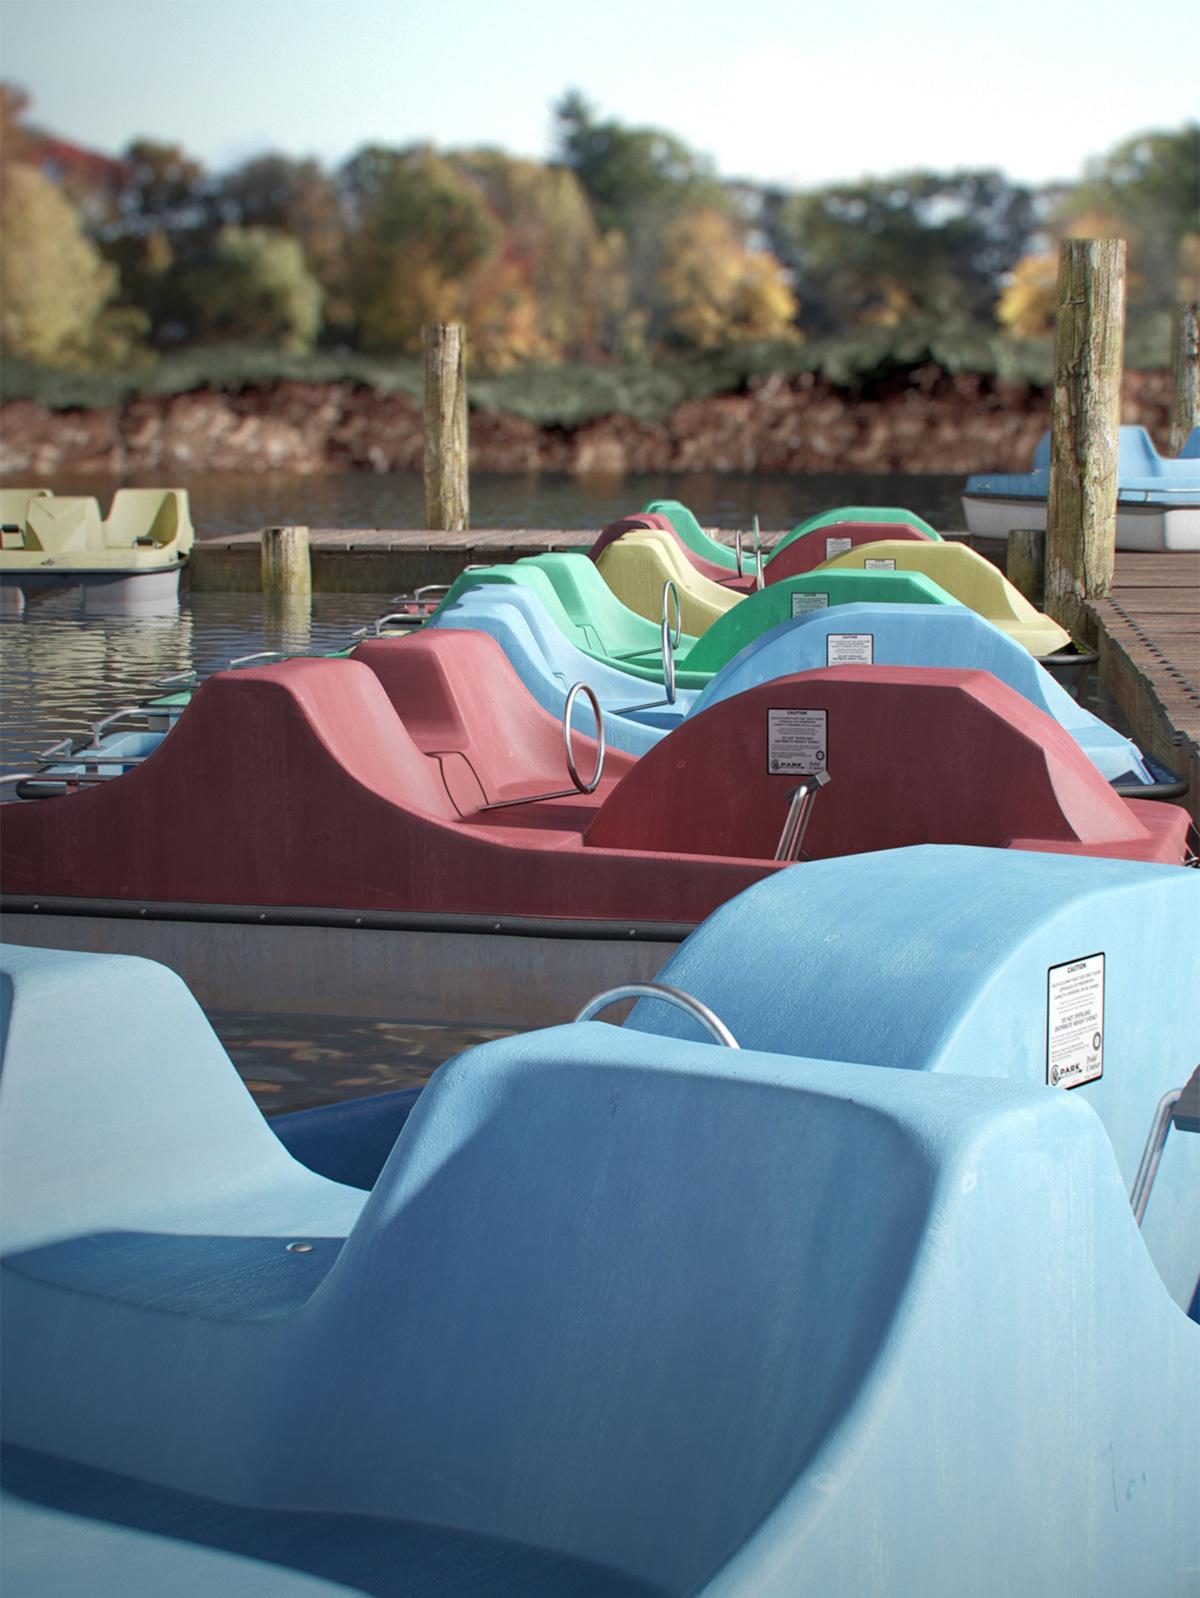 Paddle boats on a pond by David Rencsenyi